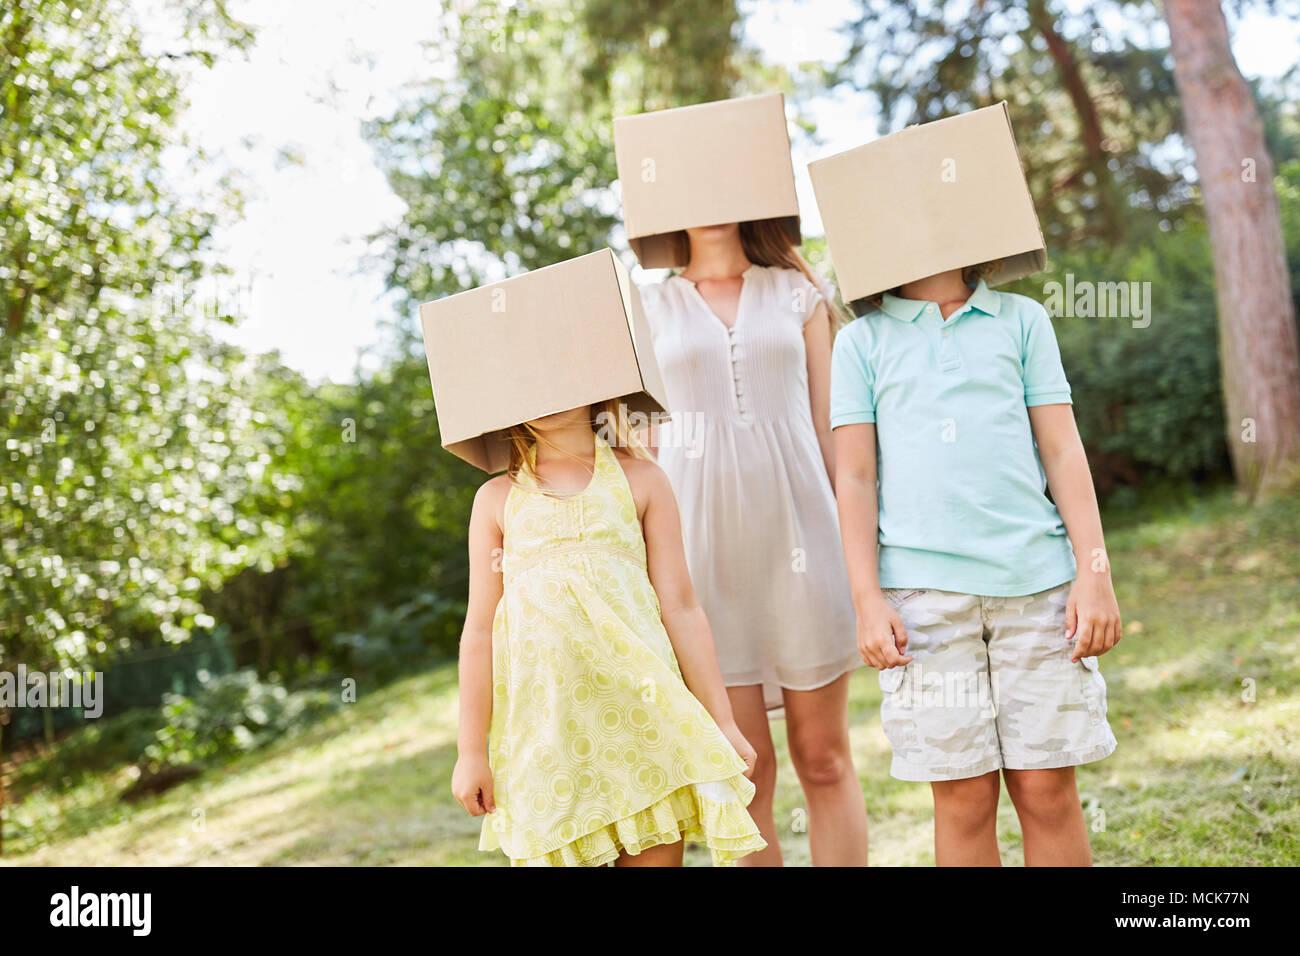 Famille avec leurs visages cachés dans des boîtes en carton dans le jardin Photo Stock